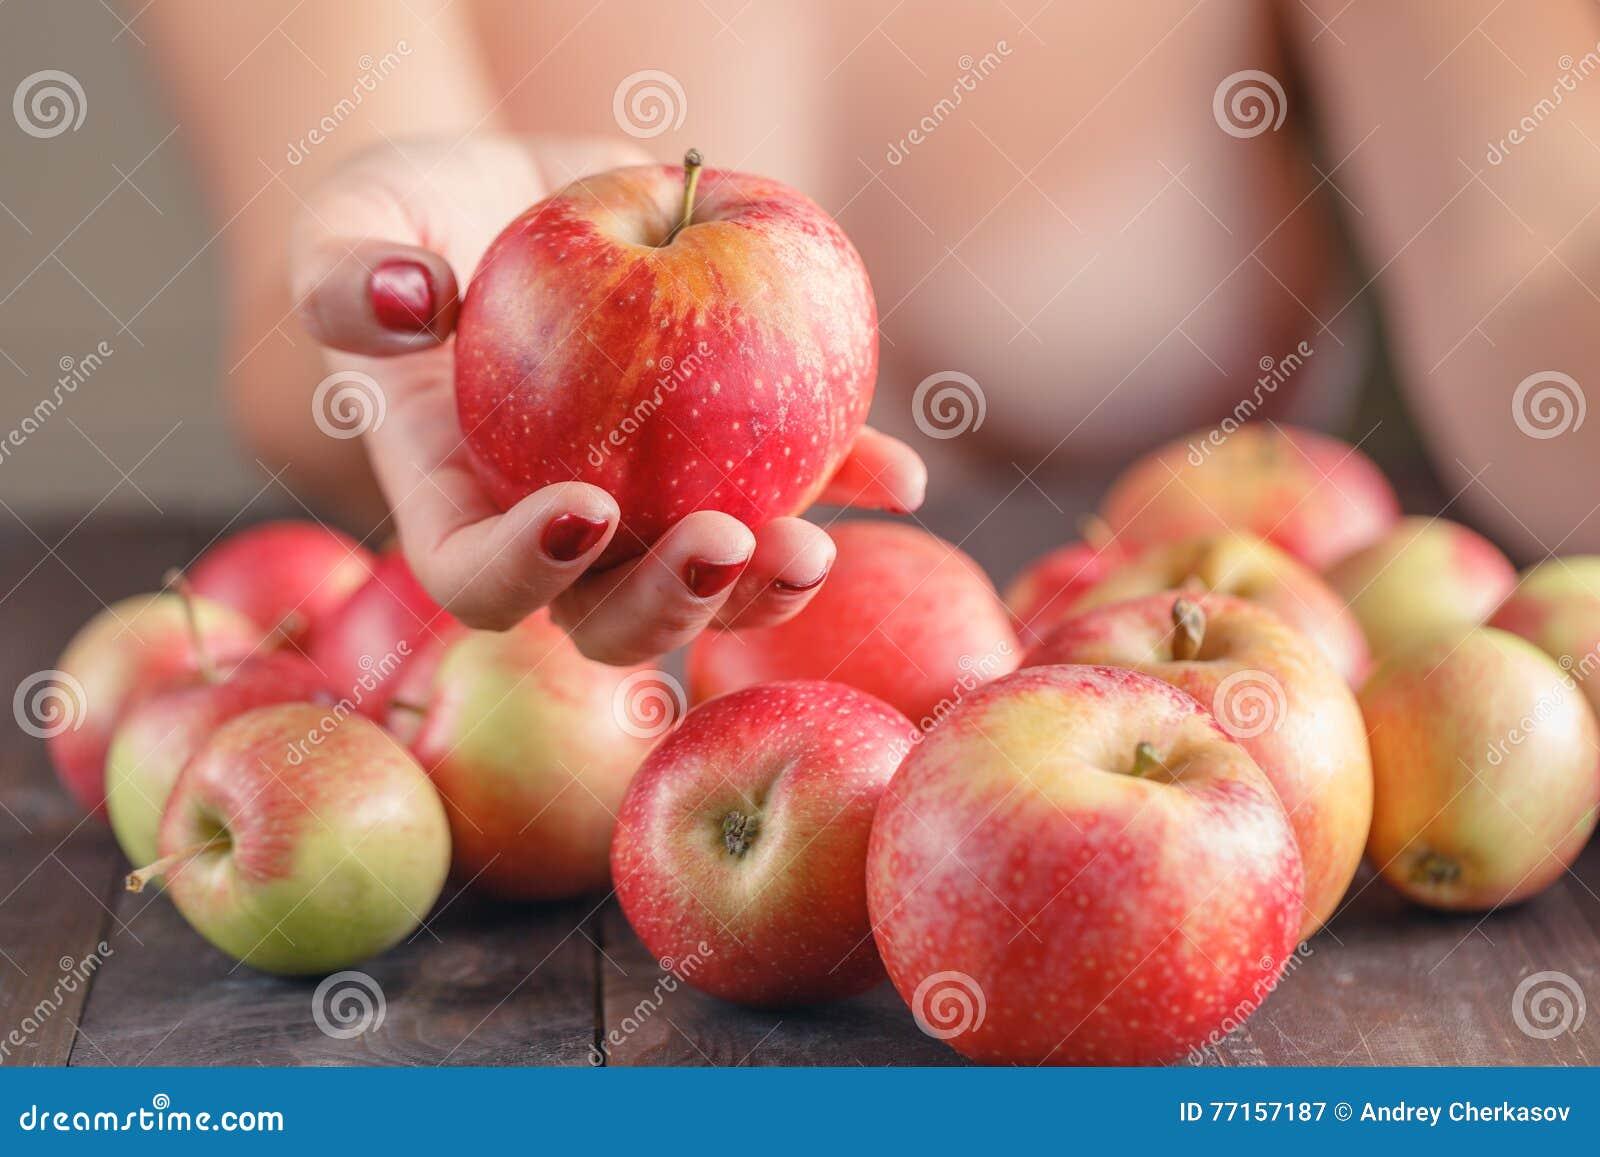 Femme offrant la pomme rouge, DOF peu profond, foyer sur la pomme